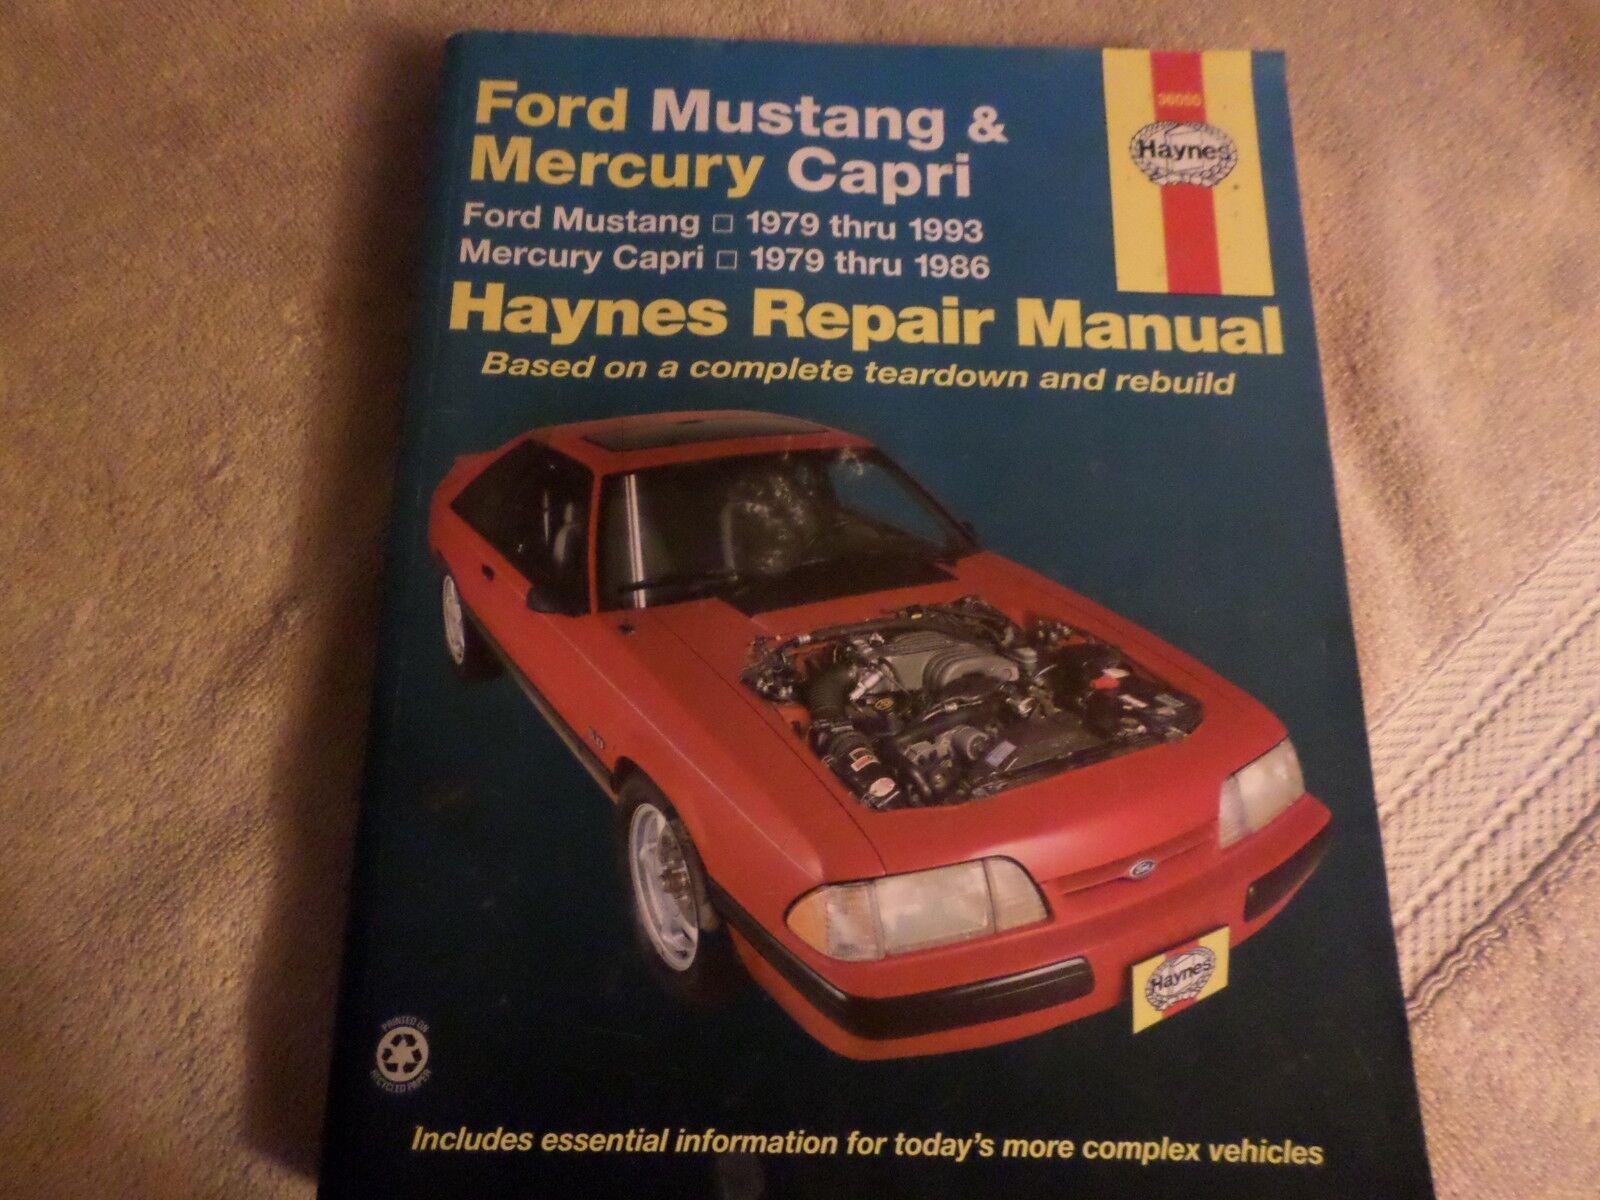 Haynes Repair Manual: Ford Mustang and Mercury Capri, 1979-1993 by John  Haynes (1979, Paperback, Revised) | eBay